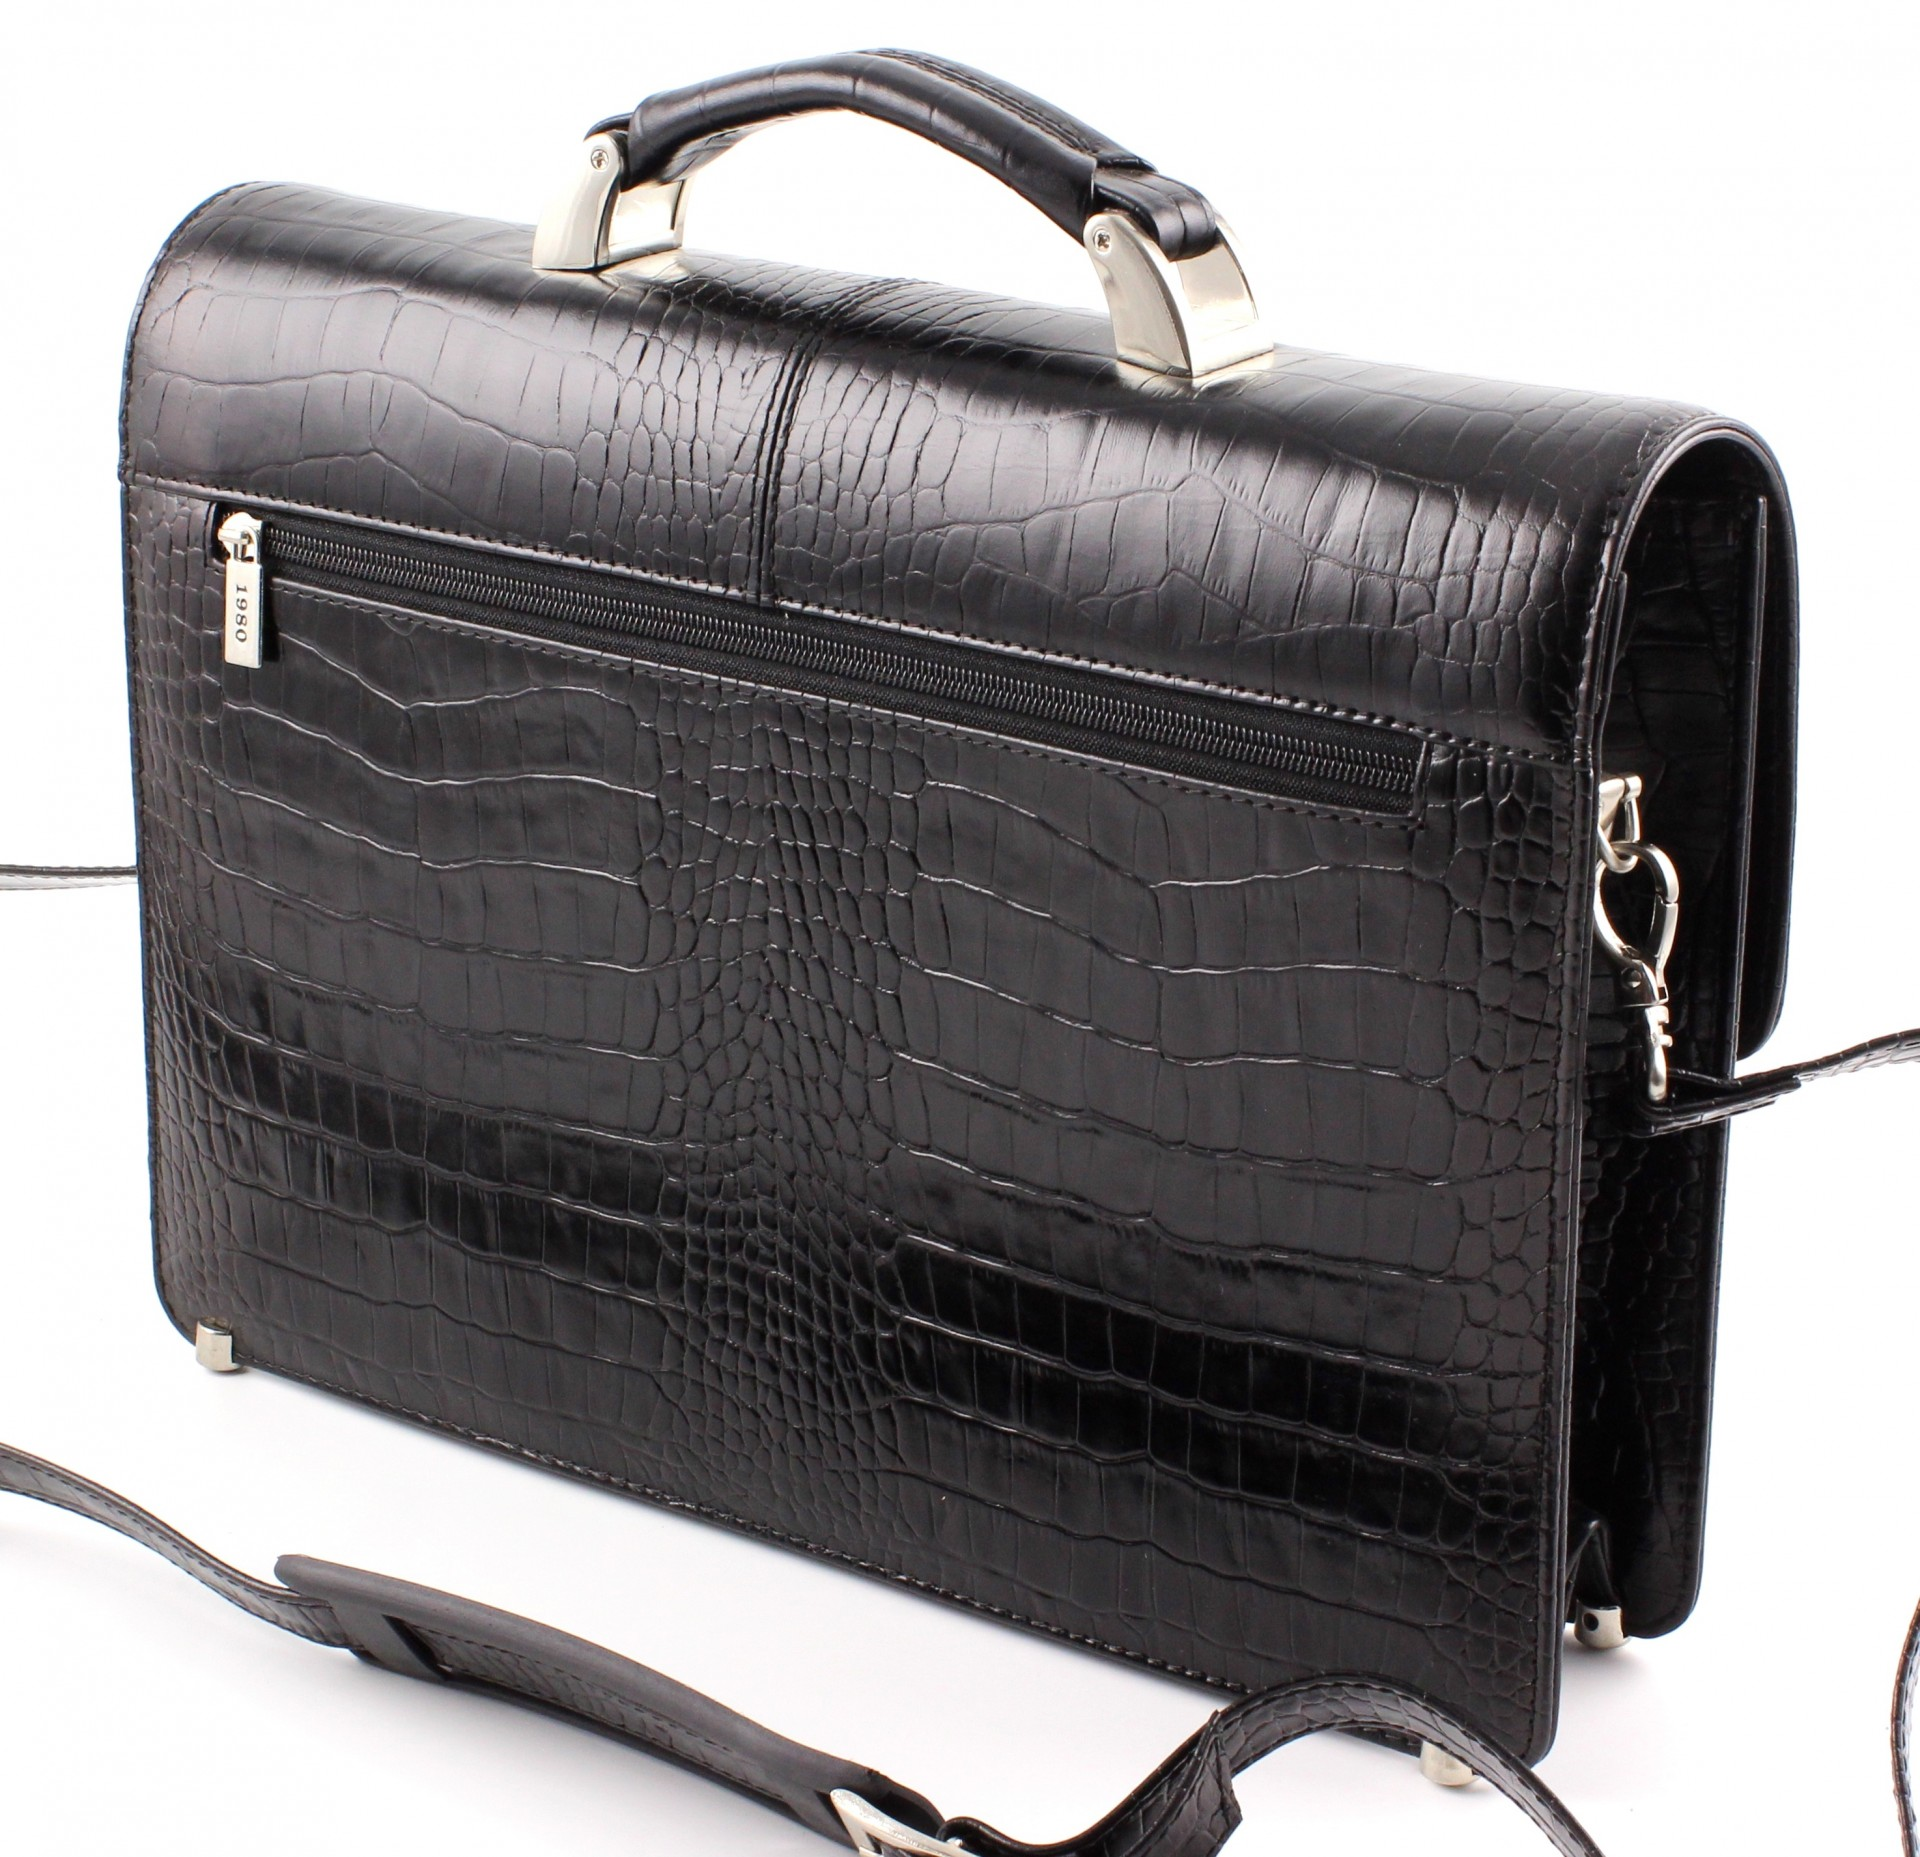 3ba030337199 ... Кожаный элитный мужской портфель турецкого производства Karya с  фактурой крокодила (10264) ...